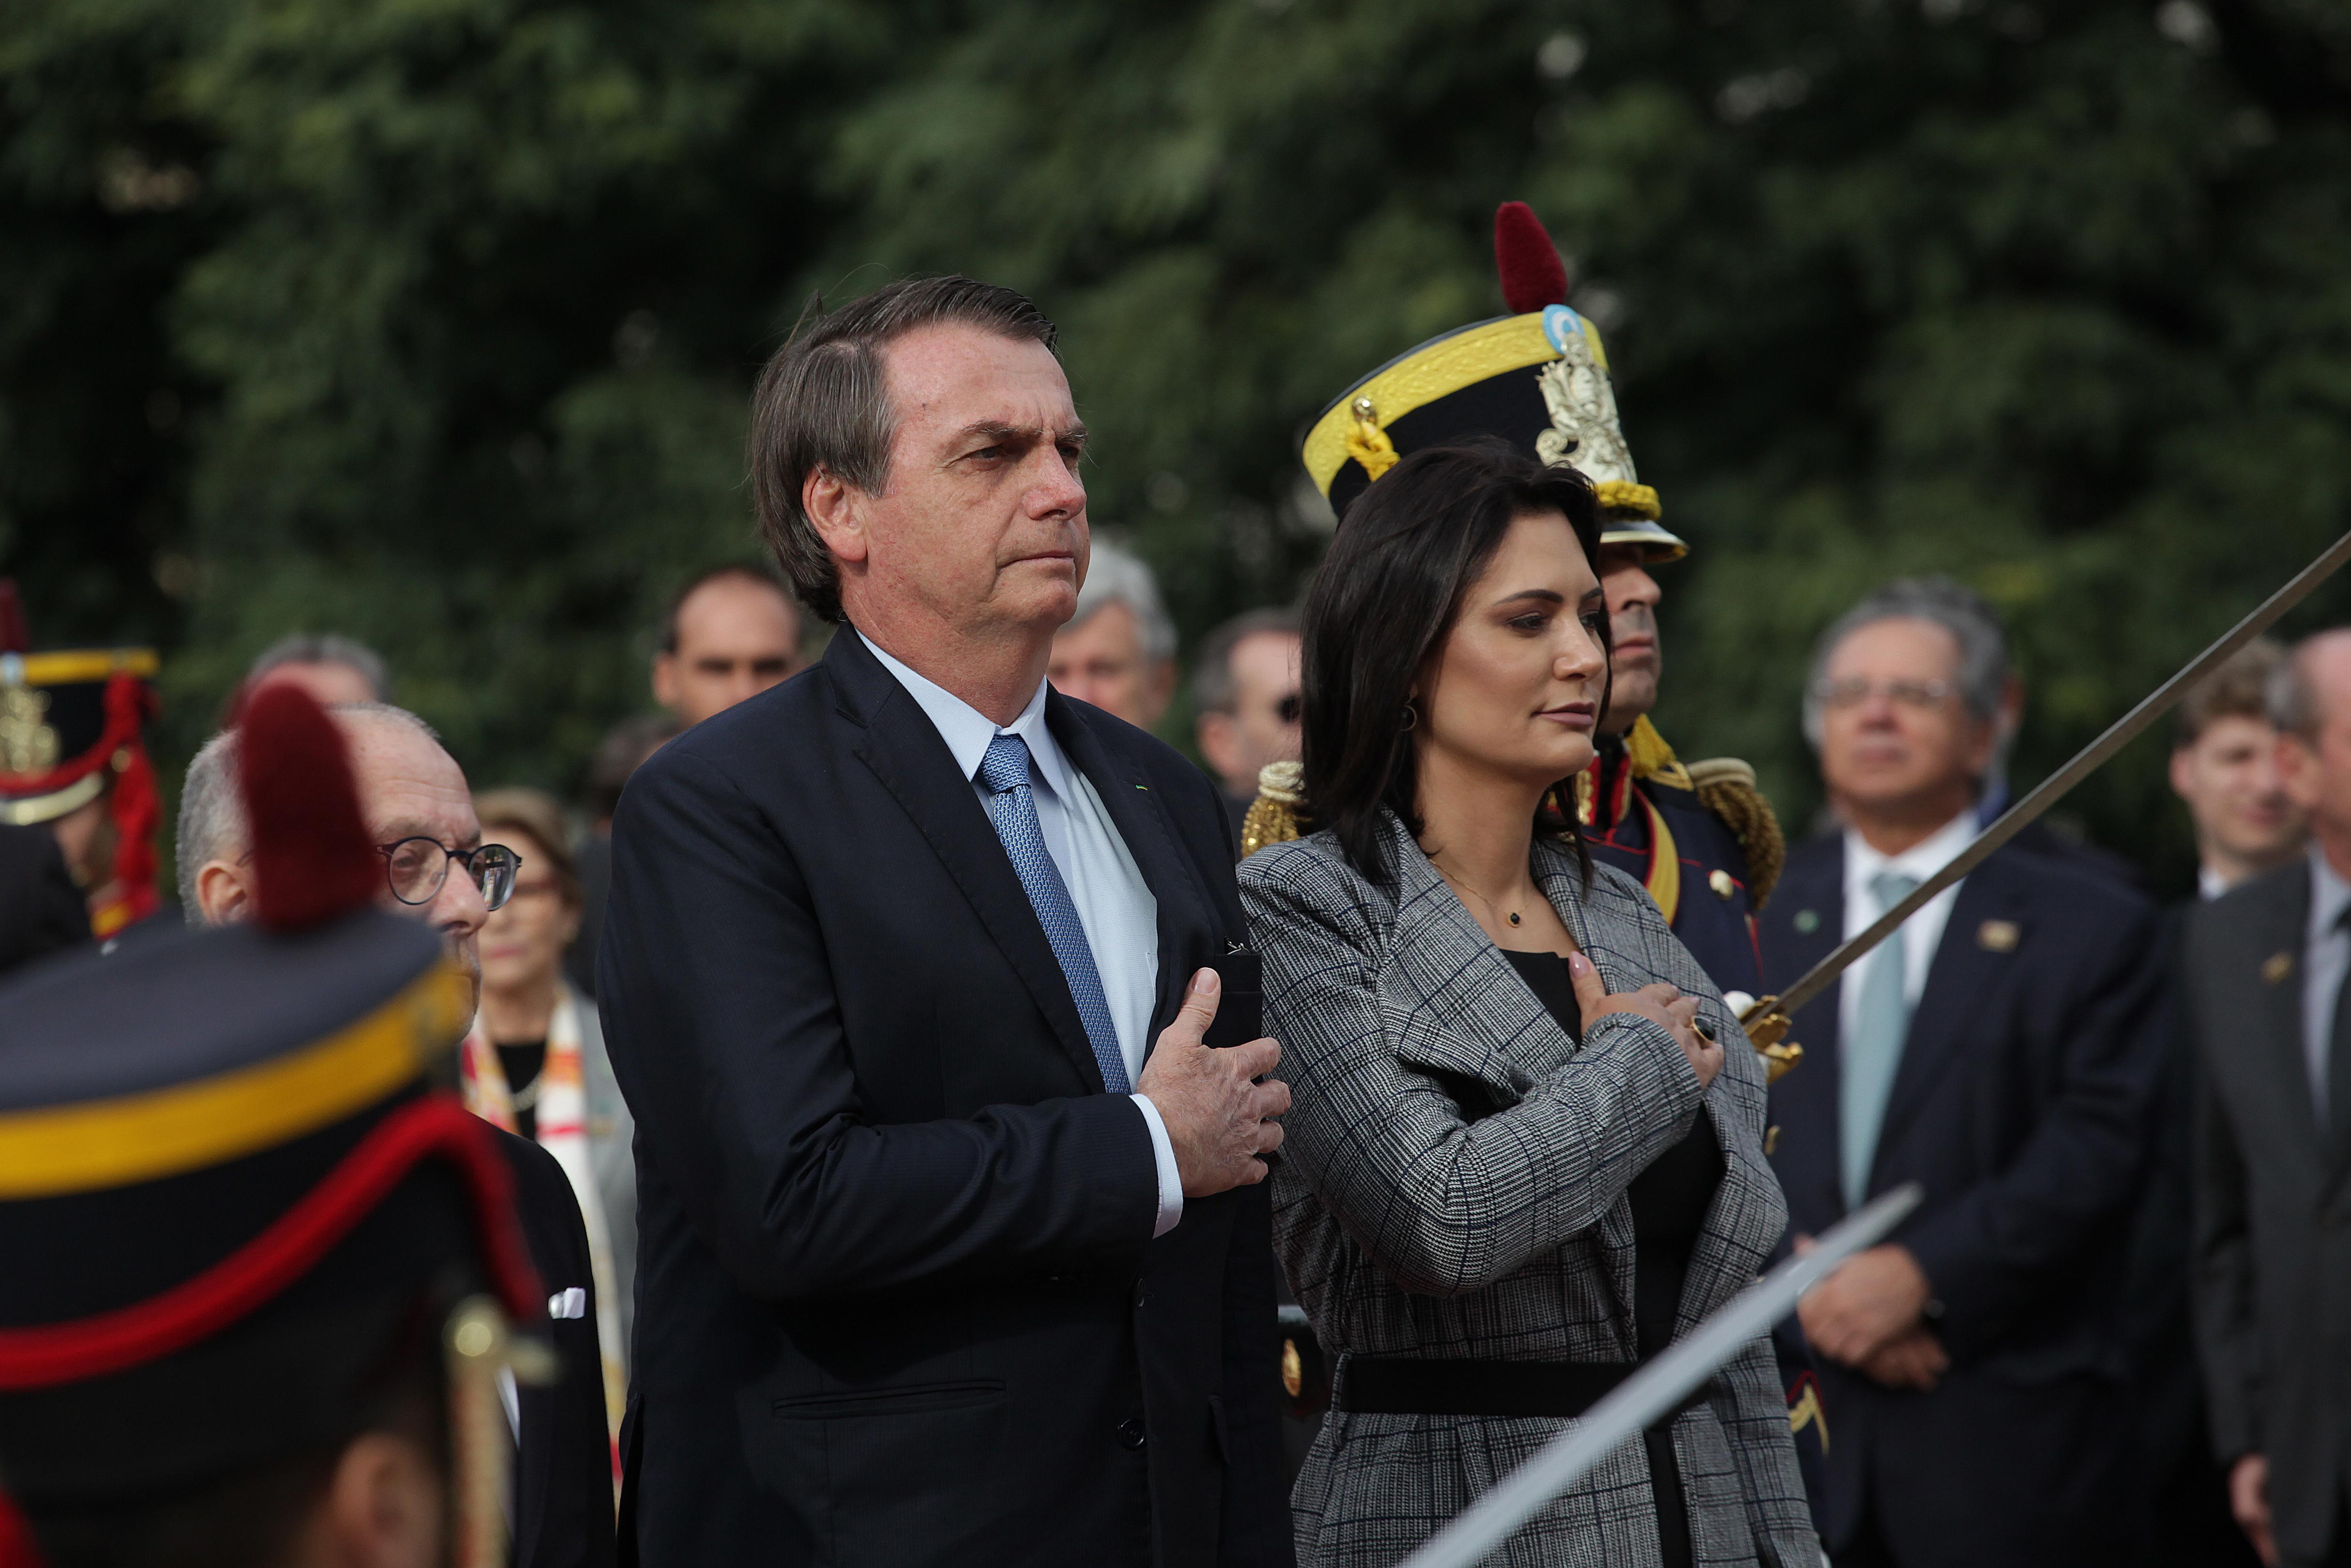 Macron difende la moglie dagli insulti